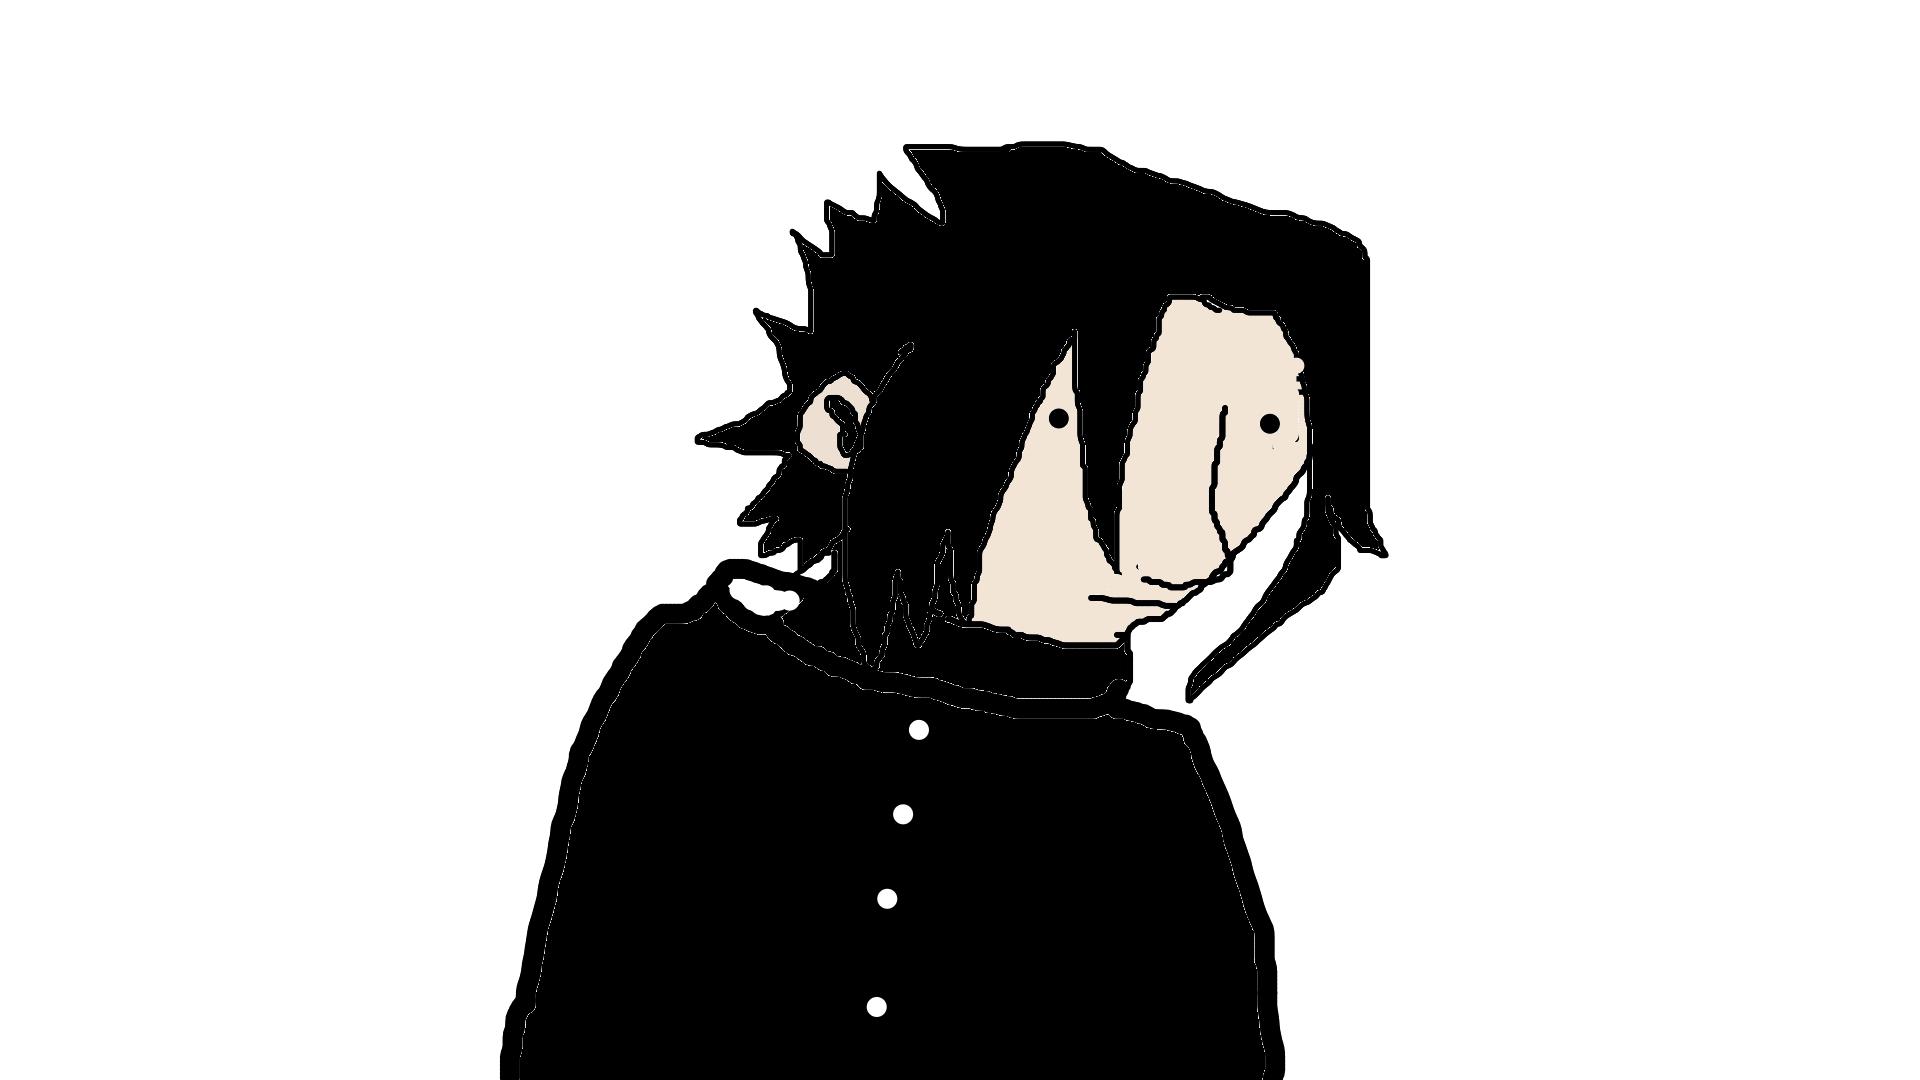 Silly idiot sasuke